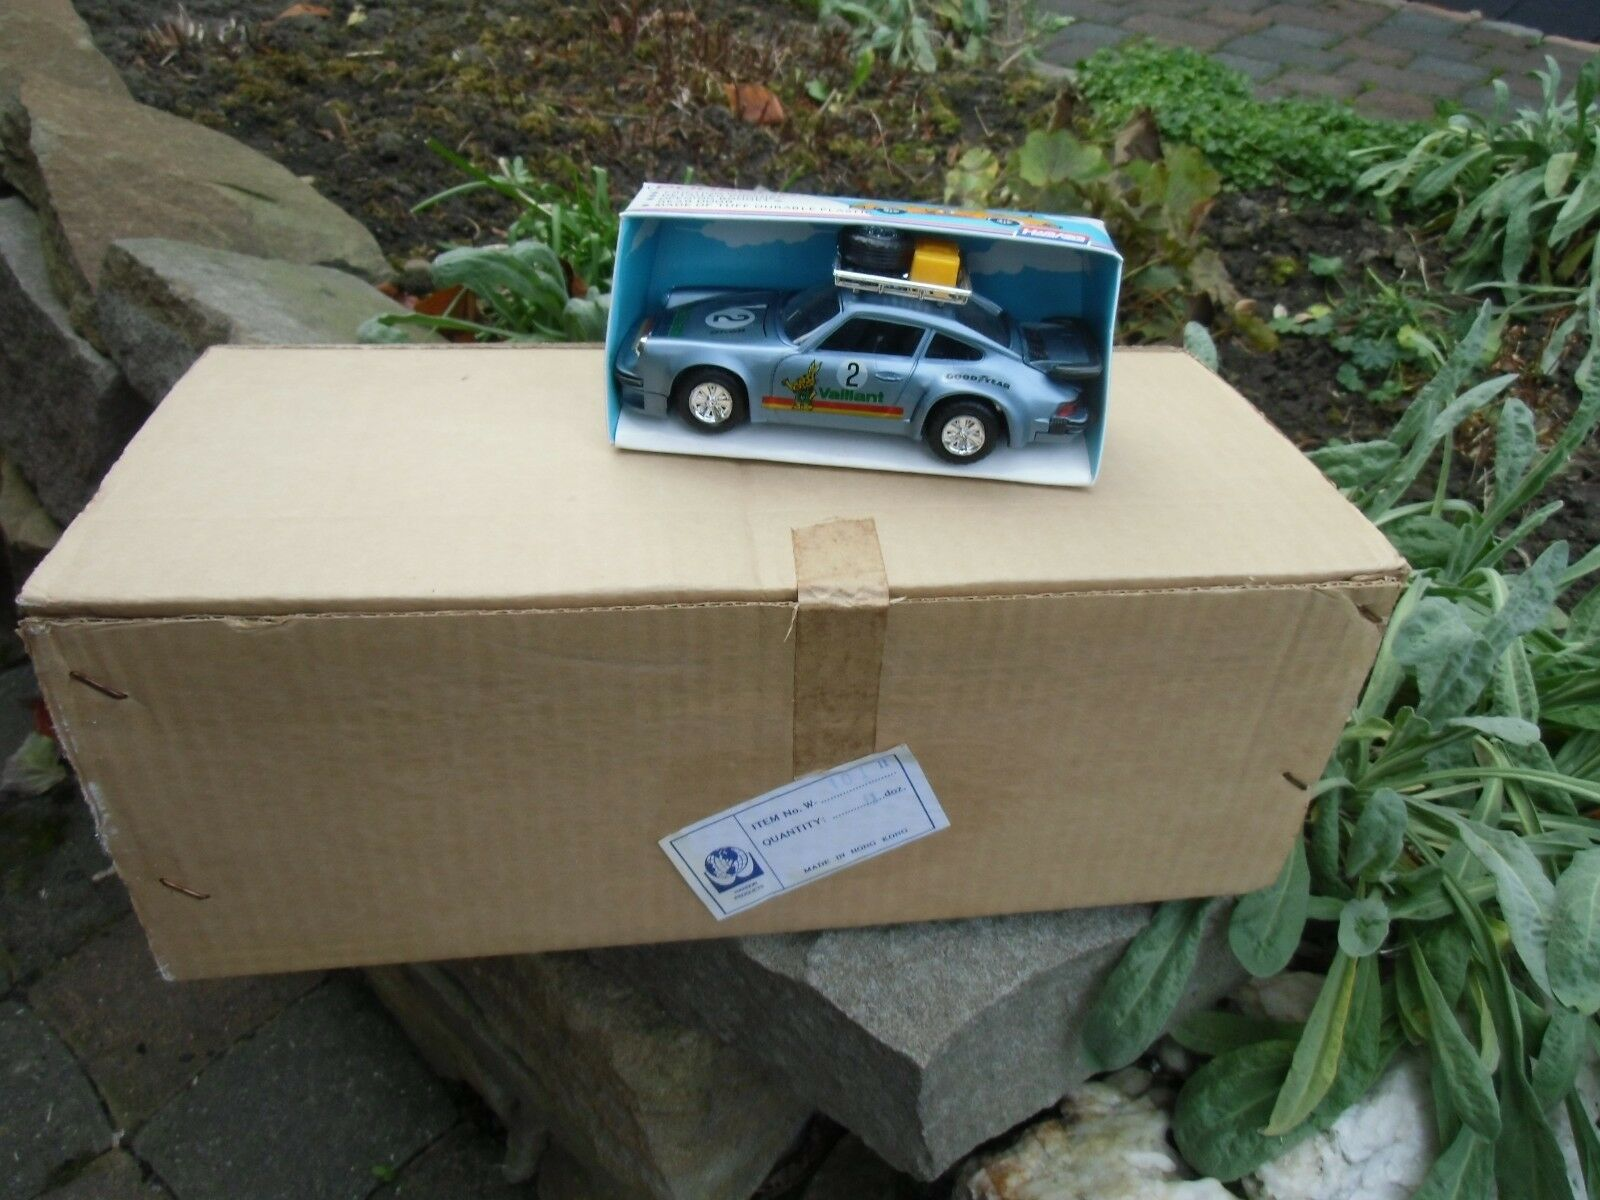 Modelo plástico Vintage Hanson Porsche 934 911 coche Hong Kong Caja de 12 sin abrir